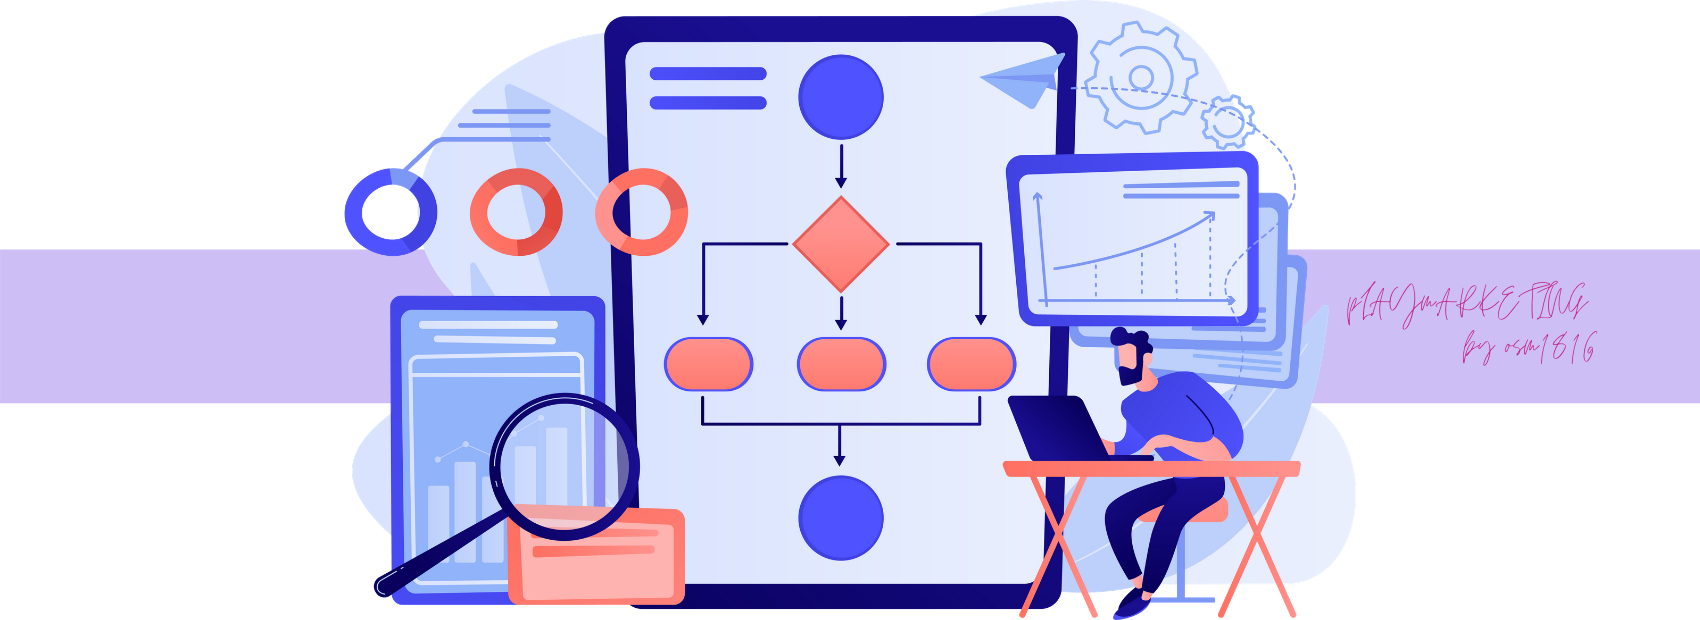 Workflow management: come migliorare i processi in azienda?